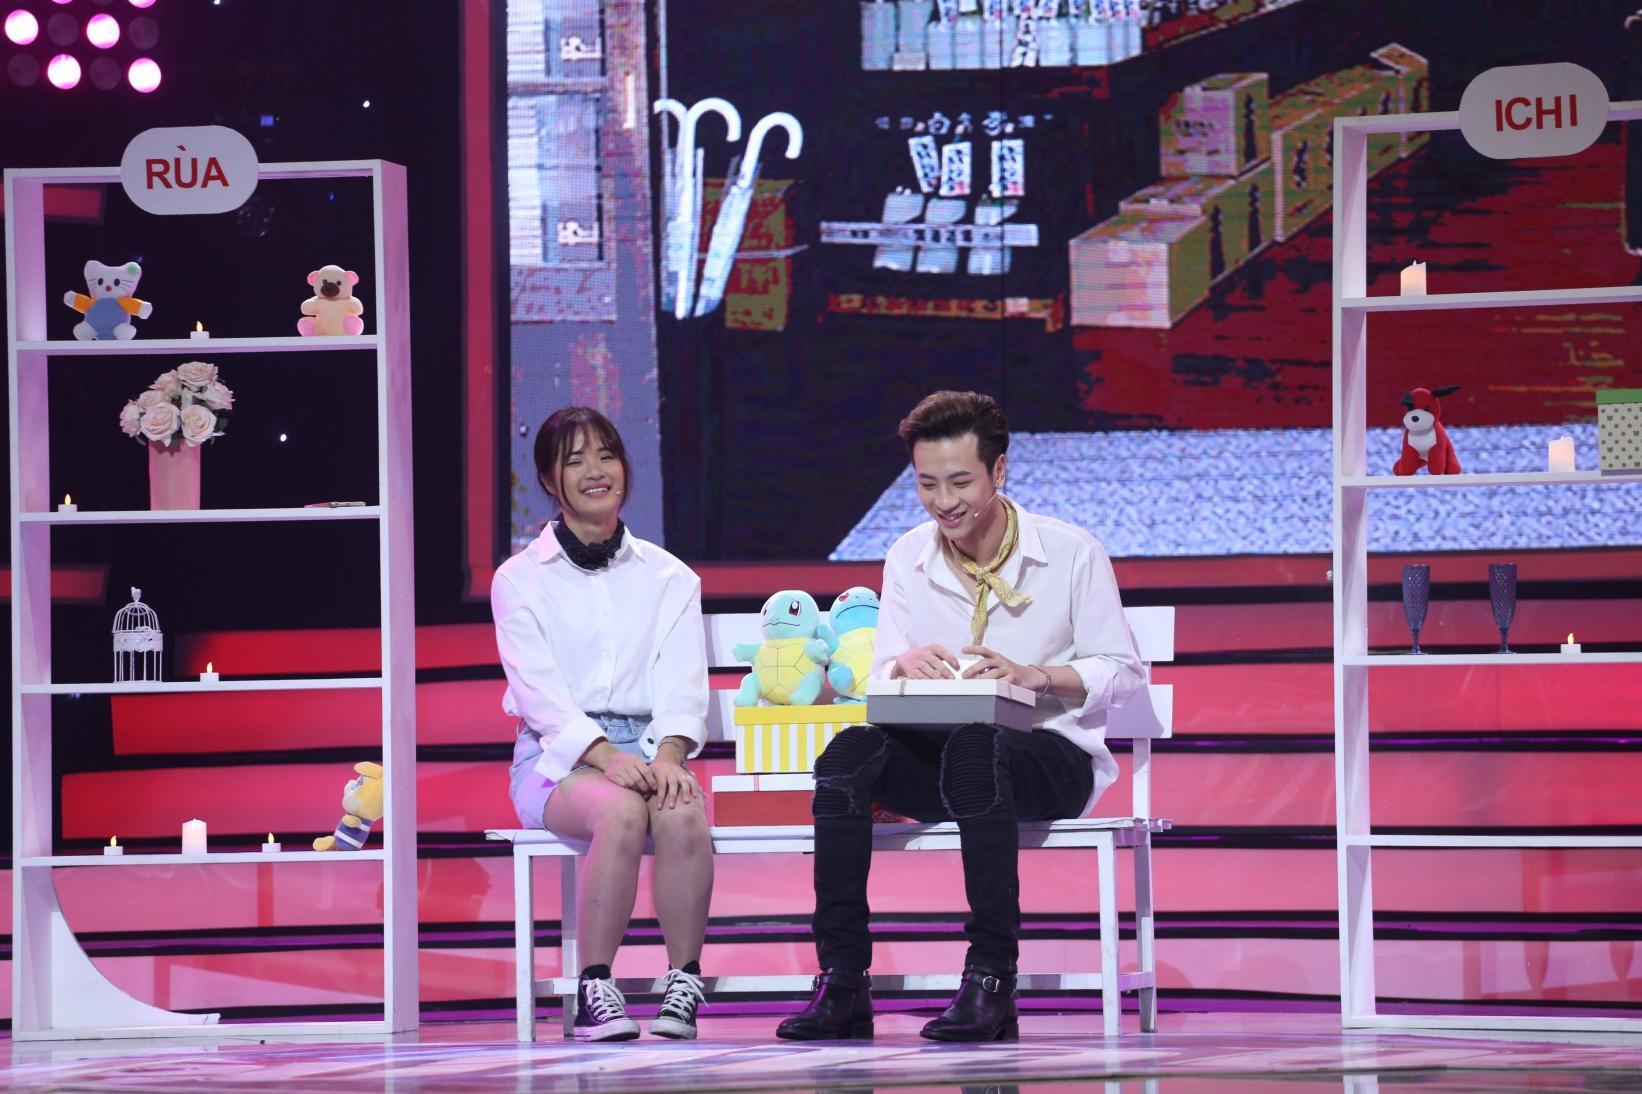 Bay từ Hàn Quốc về tỏ tình với Phí Ngọc Hưng, vậy mà cô gái này nhát đến nỗi không dám đọc kết quả-6